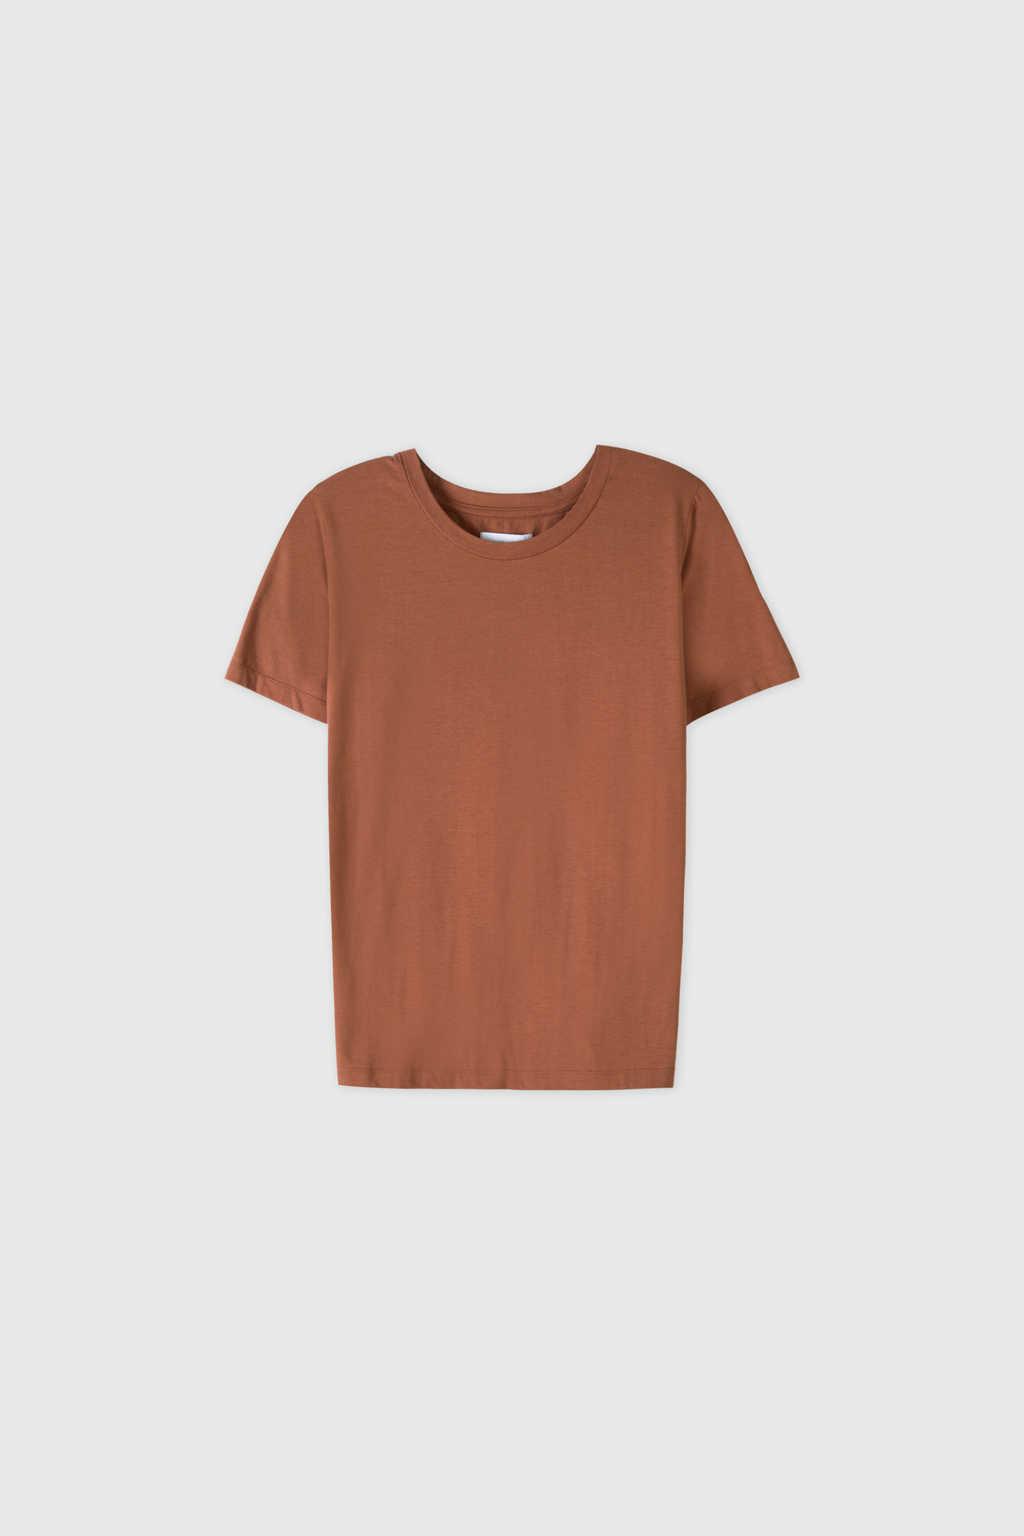 TShirt 2983 Rust 11